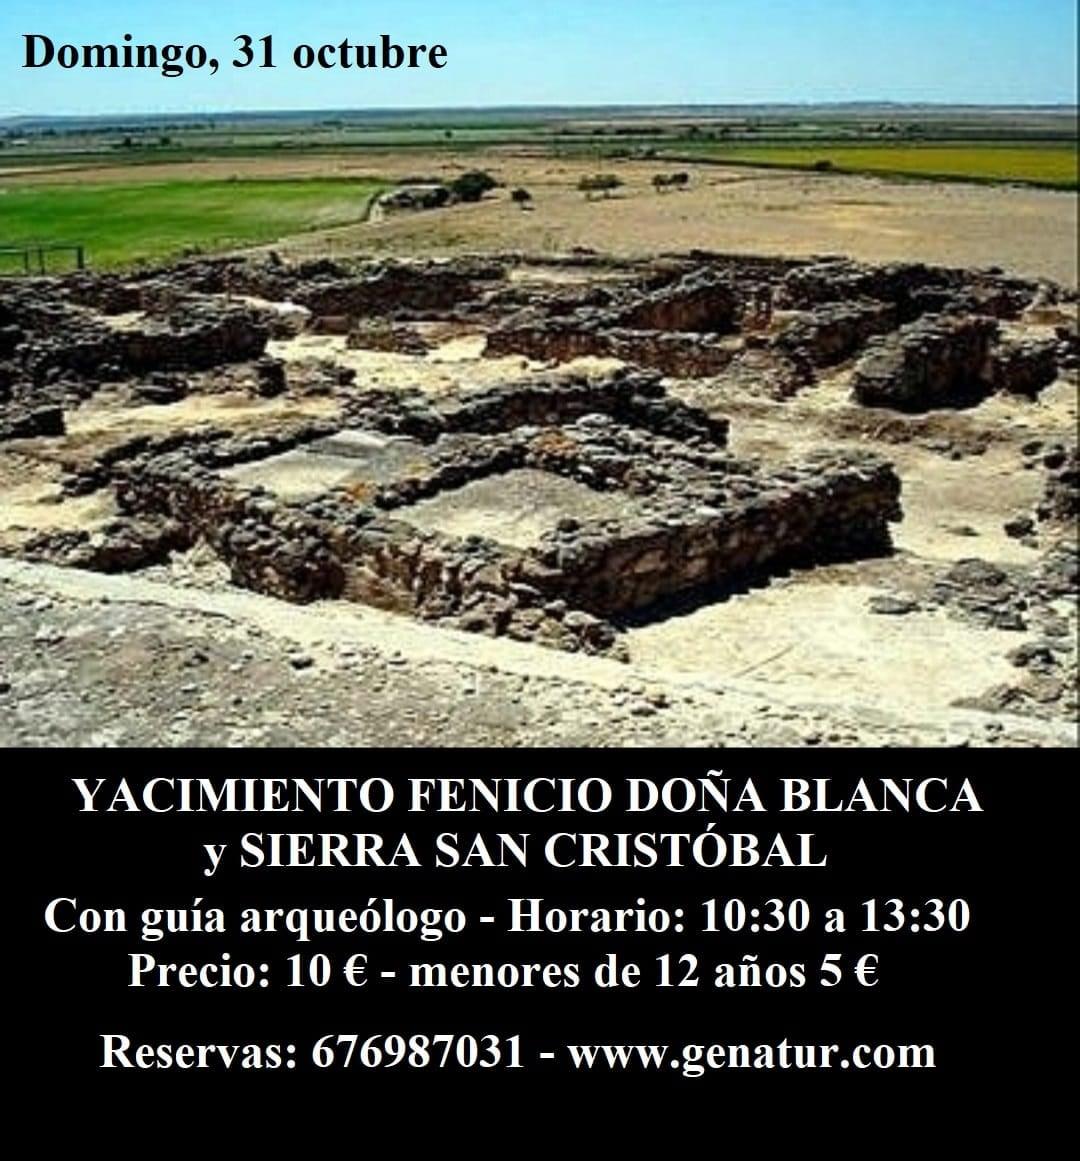 Visita guiada al Yacimiento fenicio Doña Blanca y Sierra de San Cristobal